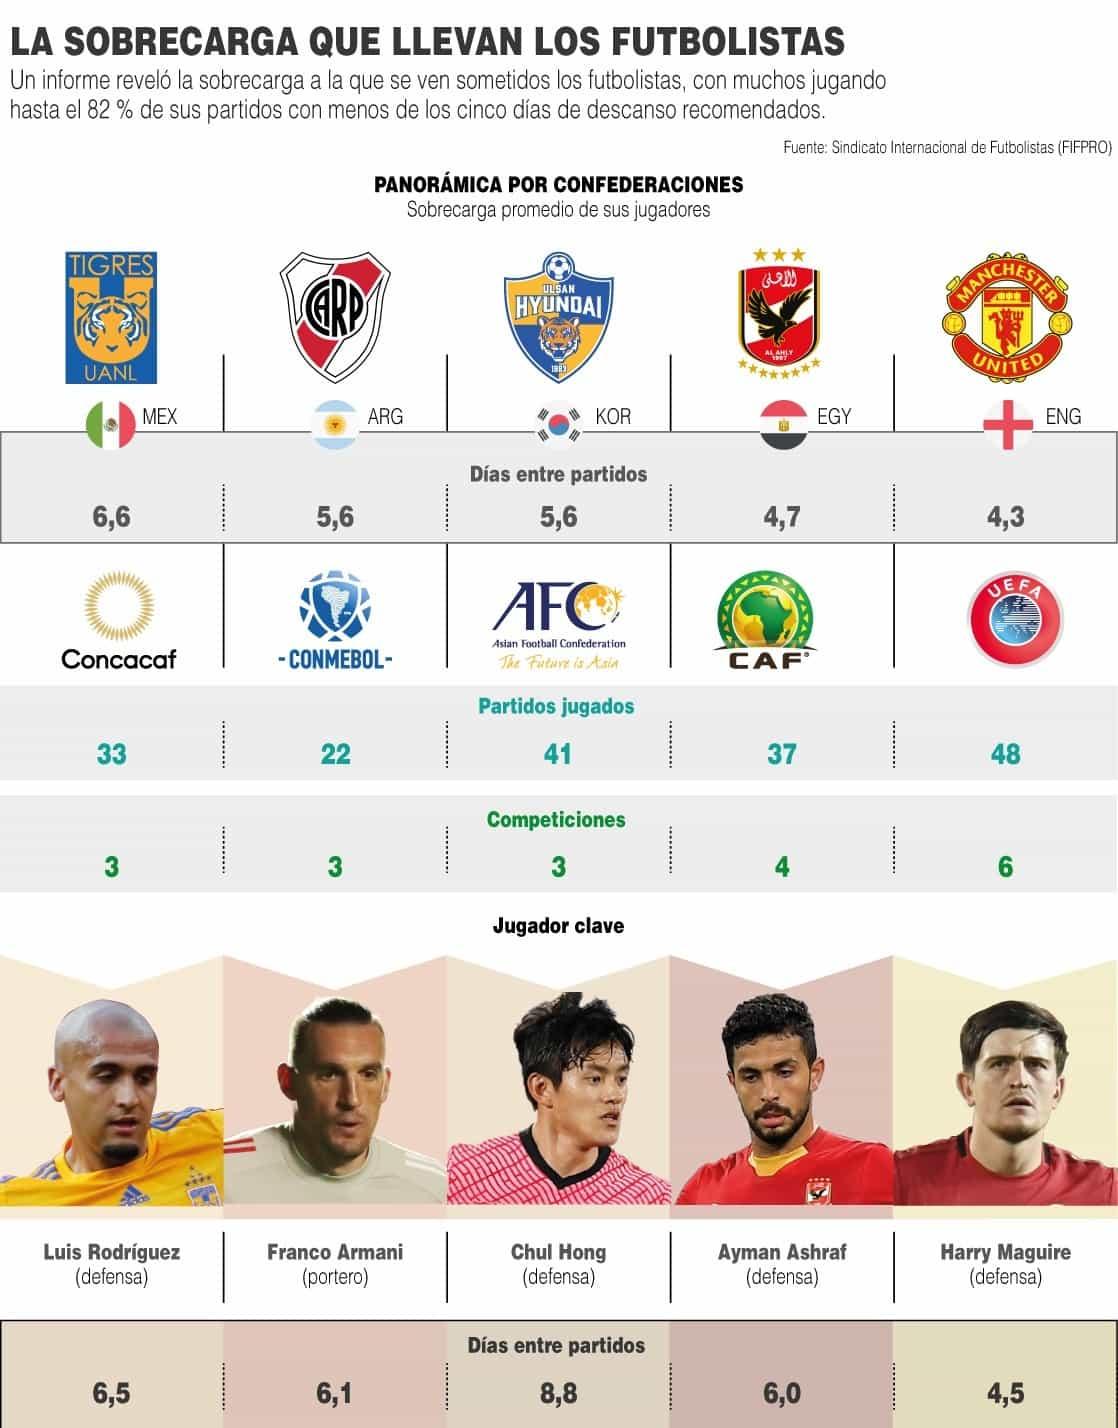 [Infografía] - La sobrecarga que llevan los futbolistas del mundo 1